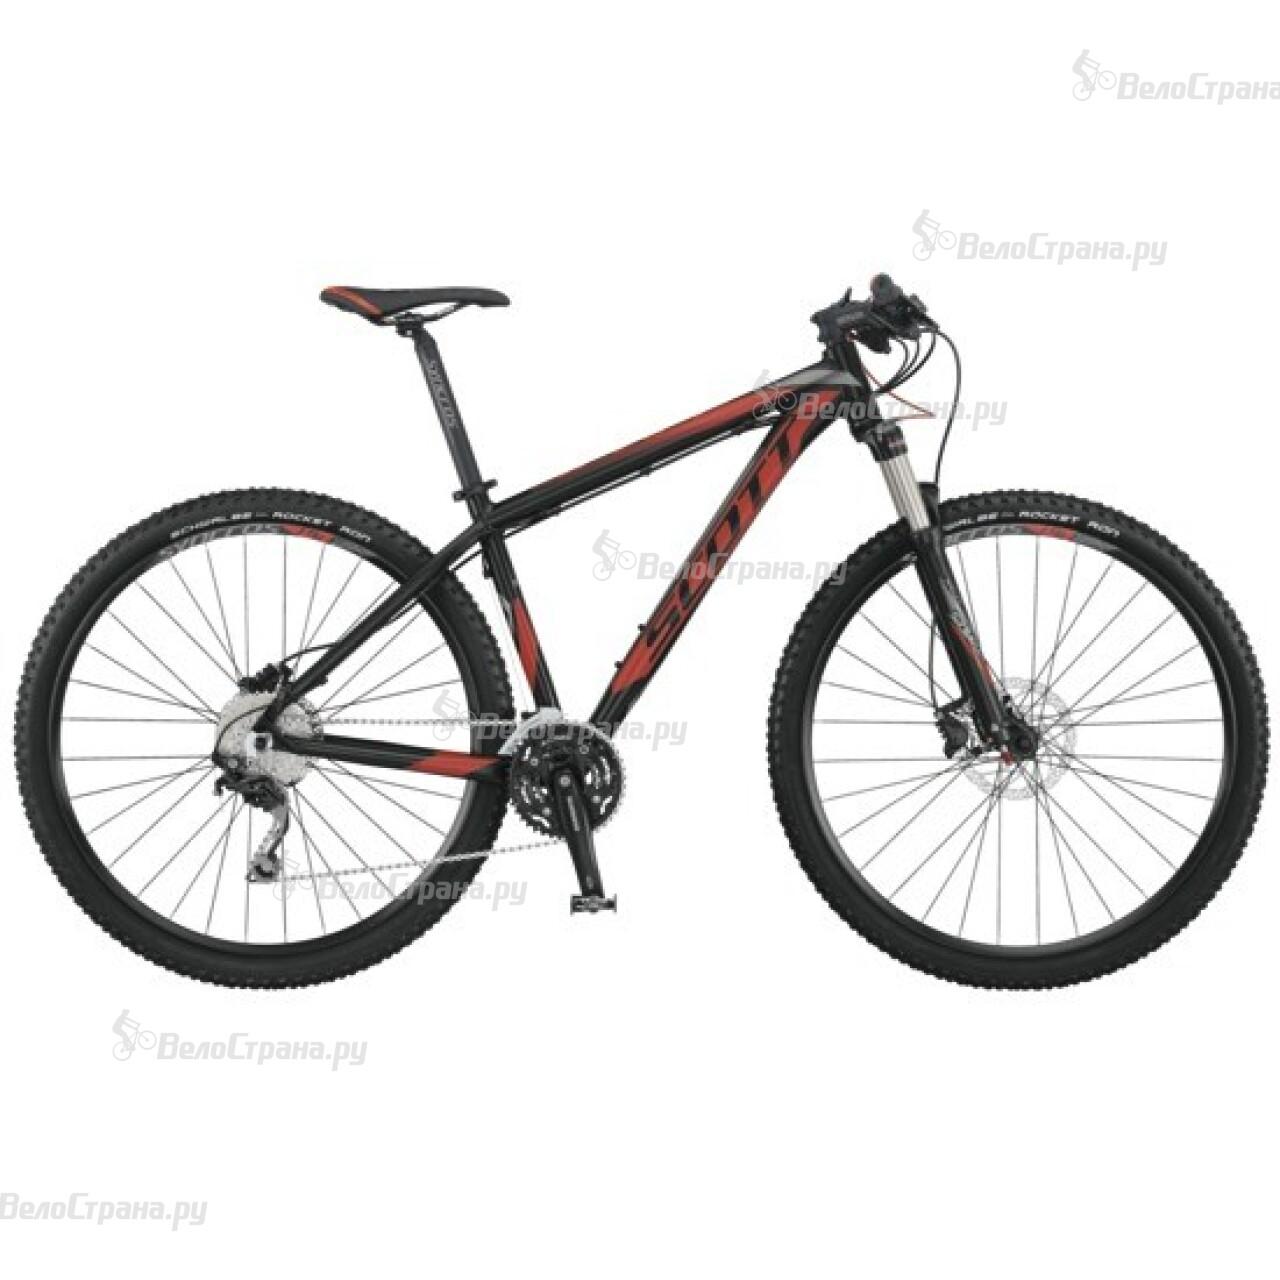 Велосипед Scott Scale 970 (2014) велосипед scott scale junior 26 2016